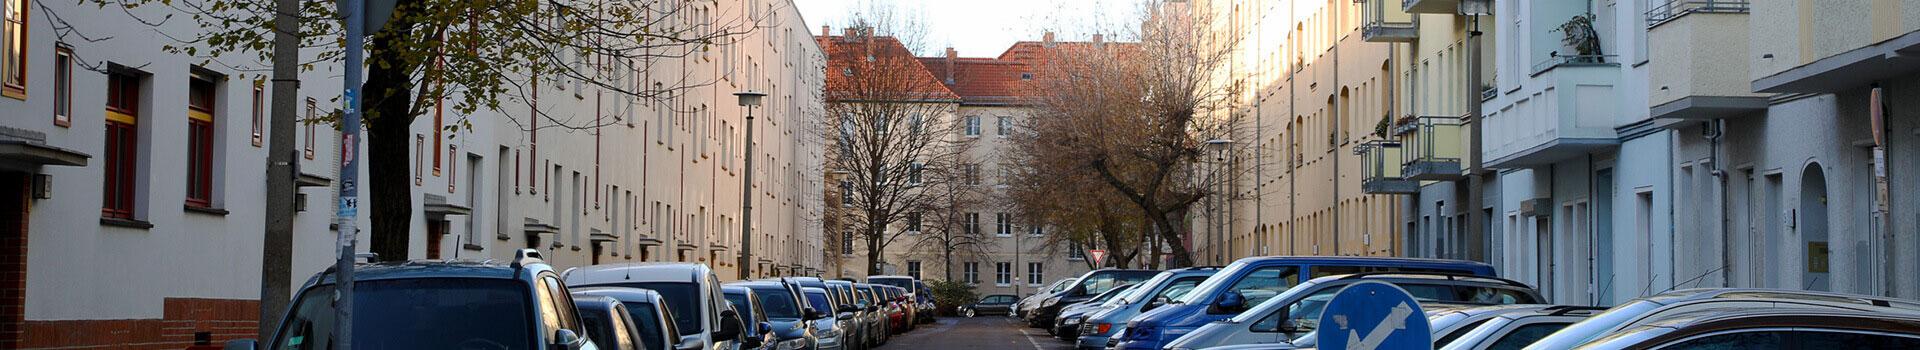 Living in Berlin - Ihr Immobilienmakler für die Hauptstadt